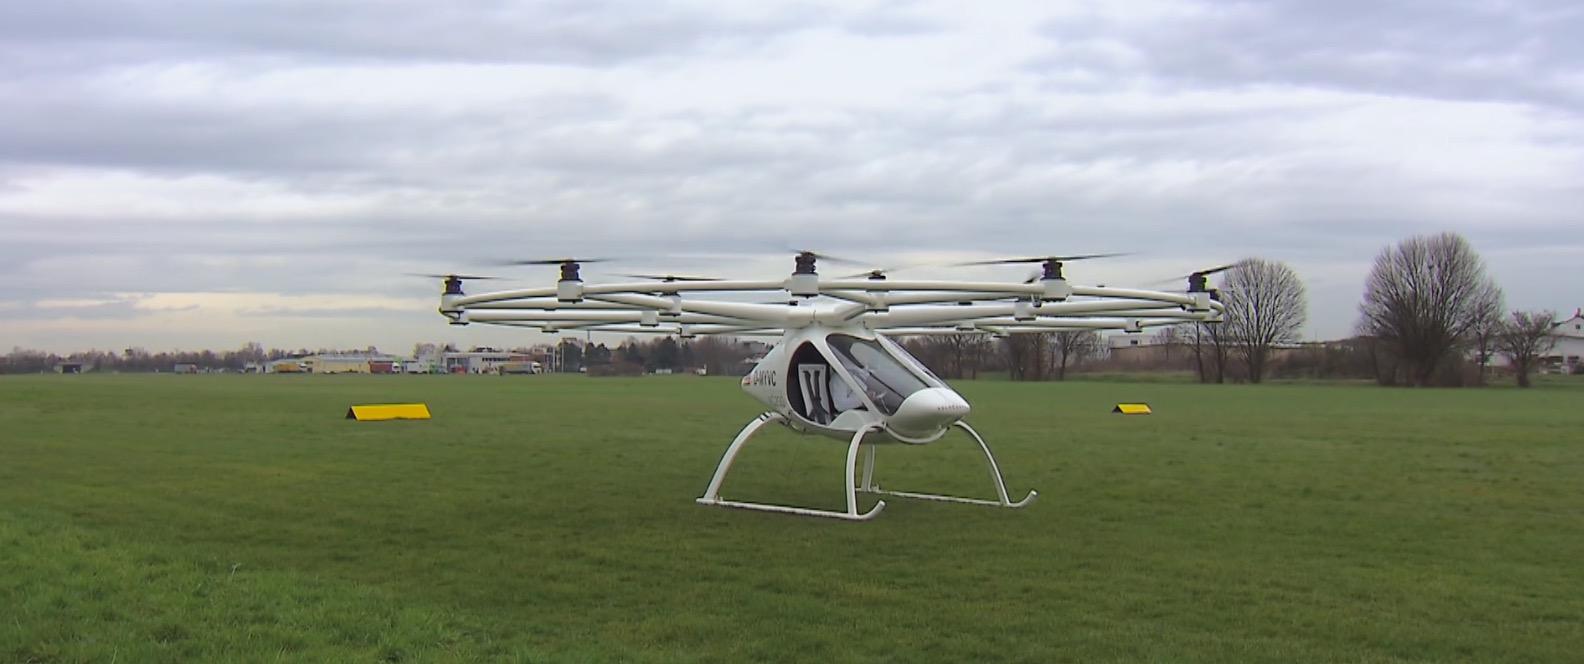 Multicópteros eléctricos, ¿el futuro del transporte urbano?